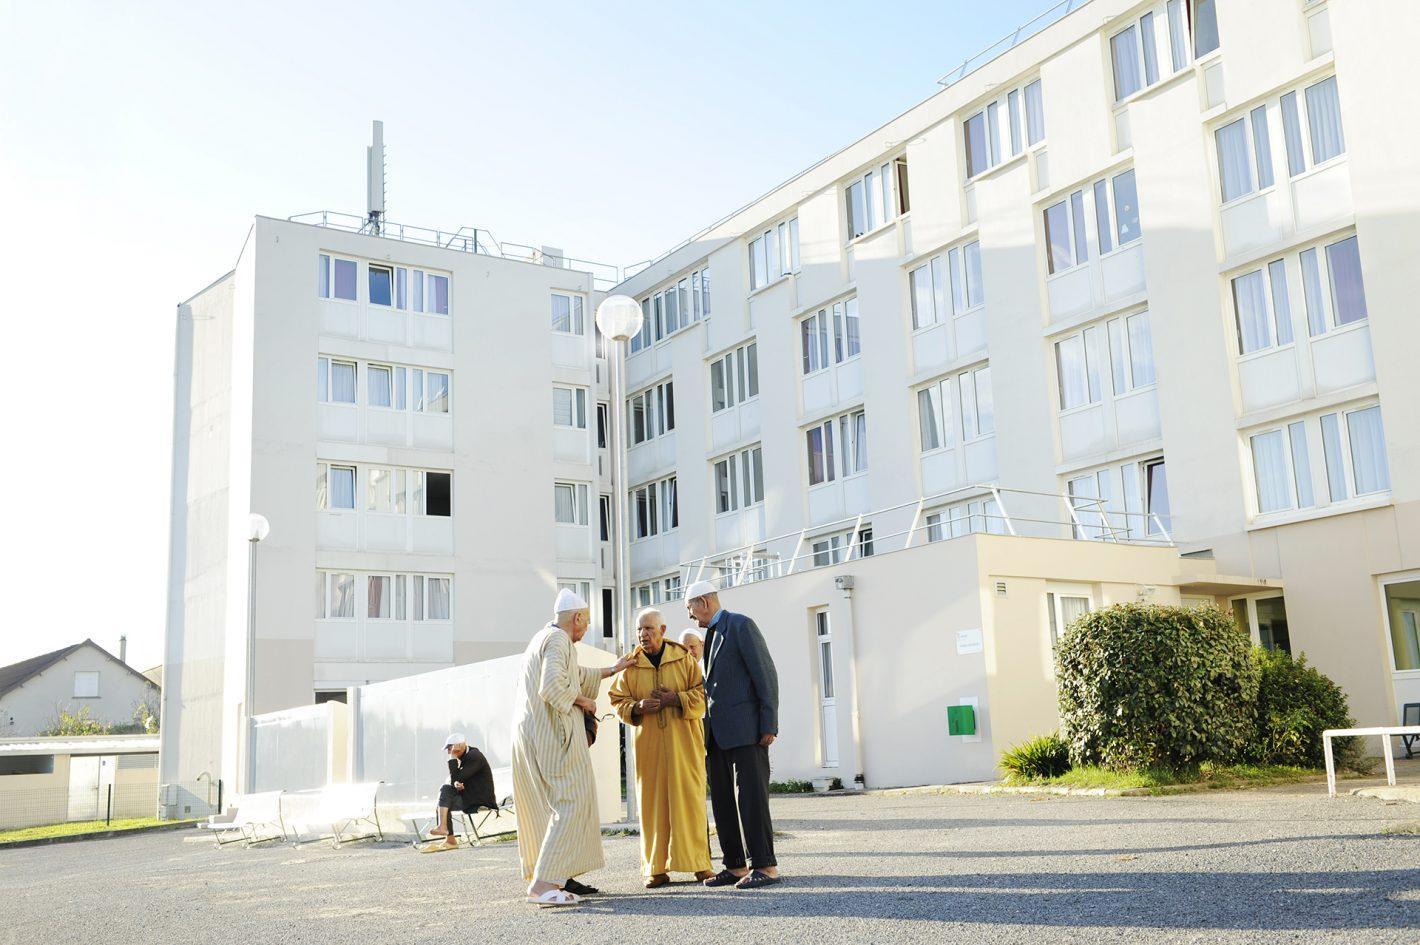 Il y a 60 ans, le 9 août 1956, naît la Société Nationale de Construction pour les Travailleurs Algériens, la Sonacotral. Sa fonction est de construire des foyers pour les travailleurs migrants algériens qui vivent dans des bidonvilles comme ceux de Nanterre. Les structures se veulent provisoires, on pense alors que les travailleurs repartiront vivre en Algérie. Bien au contraire, durant ces 60 ans les missions de la société ne vont cesser de se multiplier. Rebaptisée Adoma en 2007, elle gère aujourd'hui 167 Foyers de Travailleurs Migrants, 369 Résidences sociales et 169 Centres d'Accueil de Demandeurs d'Asile. Foyer de Travailleurs Migrants Adoma de Limoges, 12 novembre 2015.